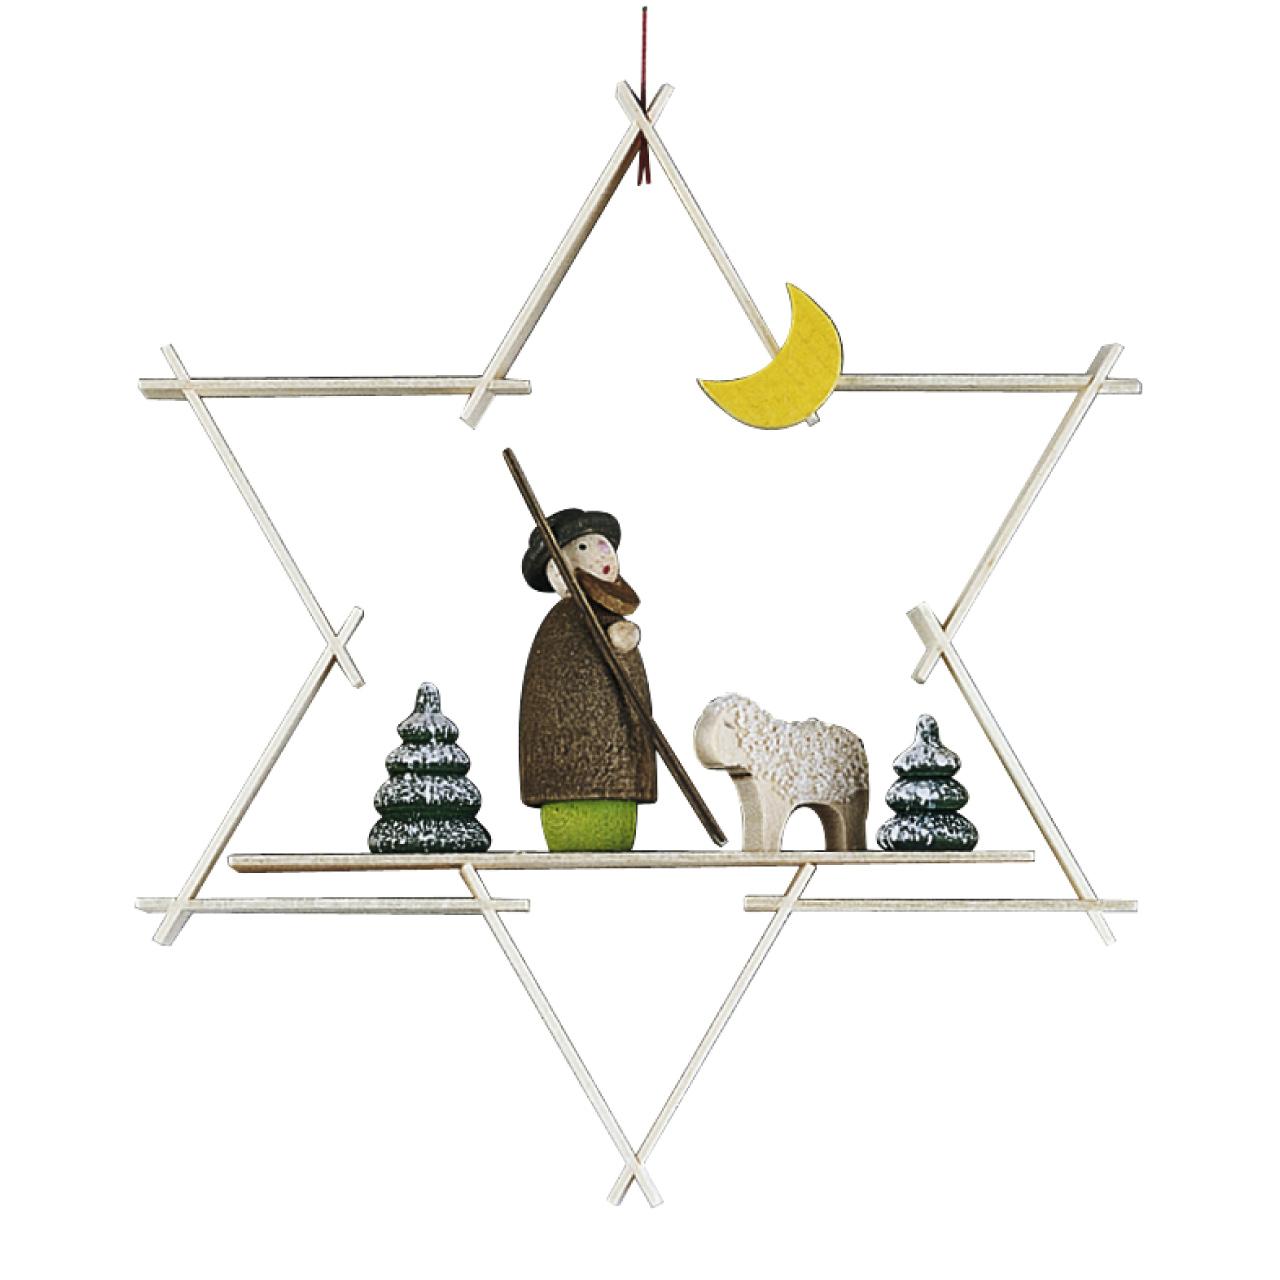 ギュンターライヒェル クリスマスツリーデコレーション 羊飼い